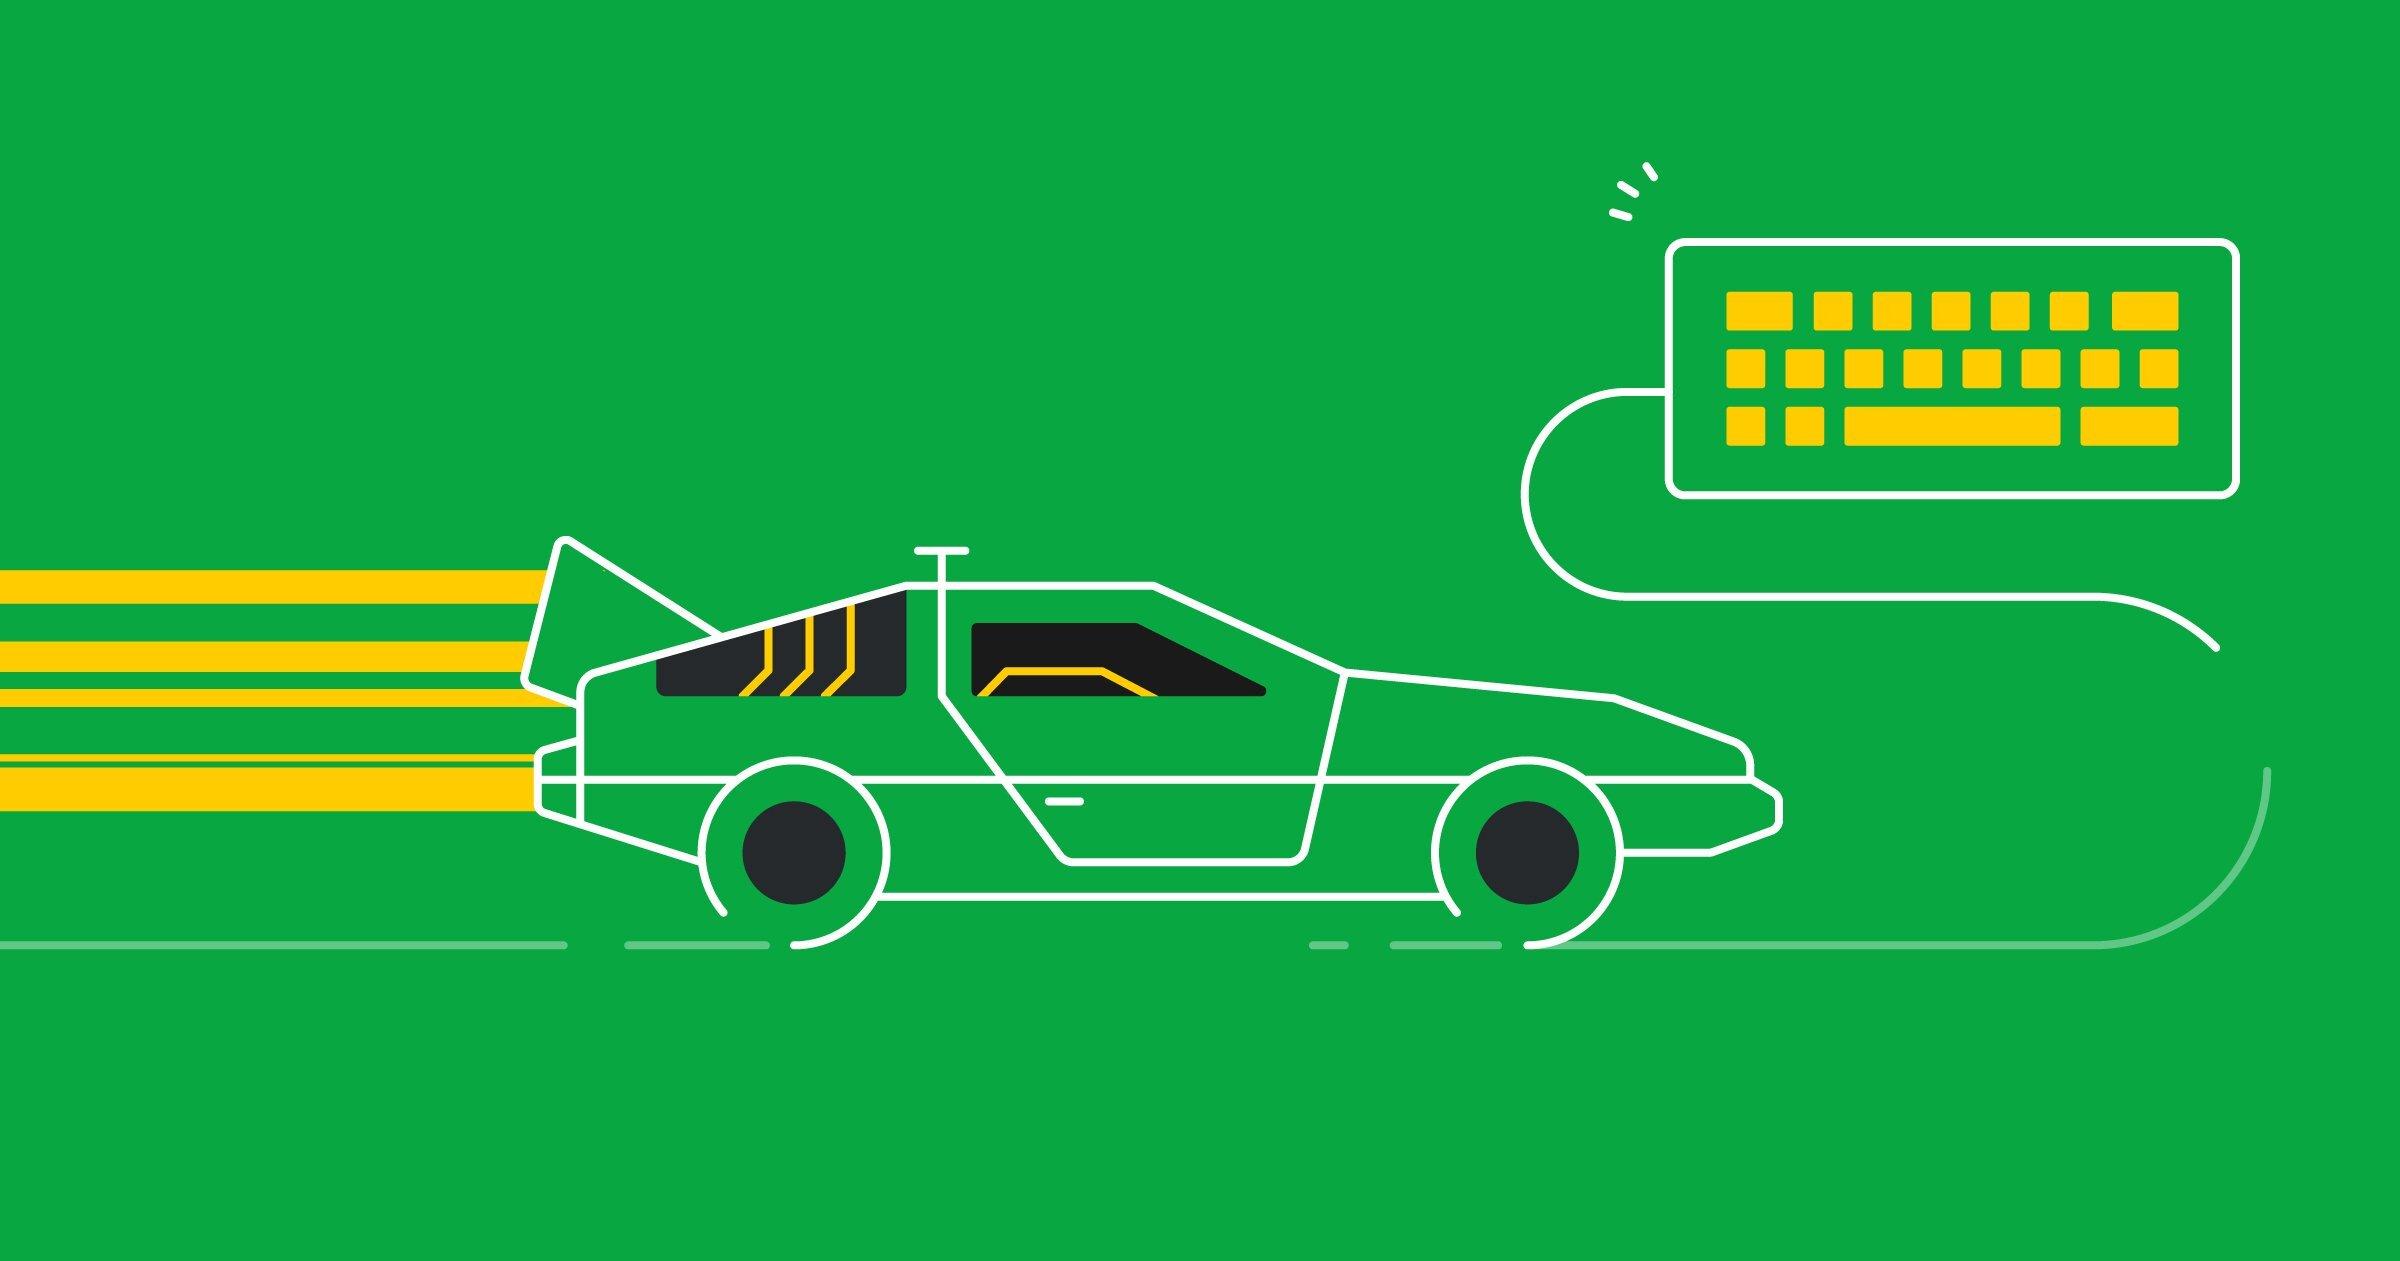 Carro deportivo viajando a alta velocidad con todo su equipo de ventas